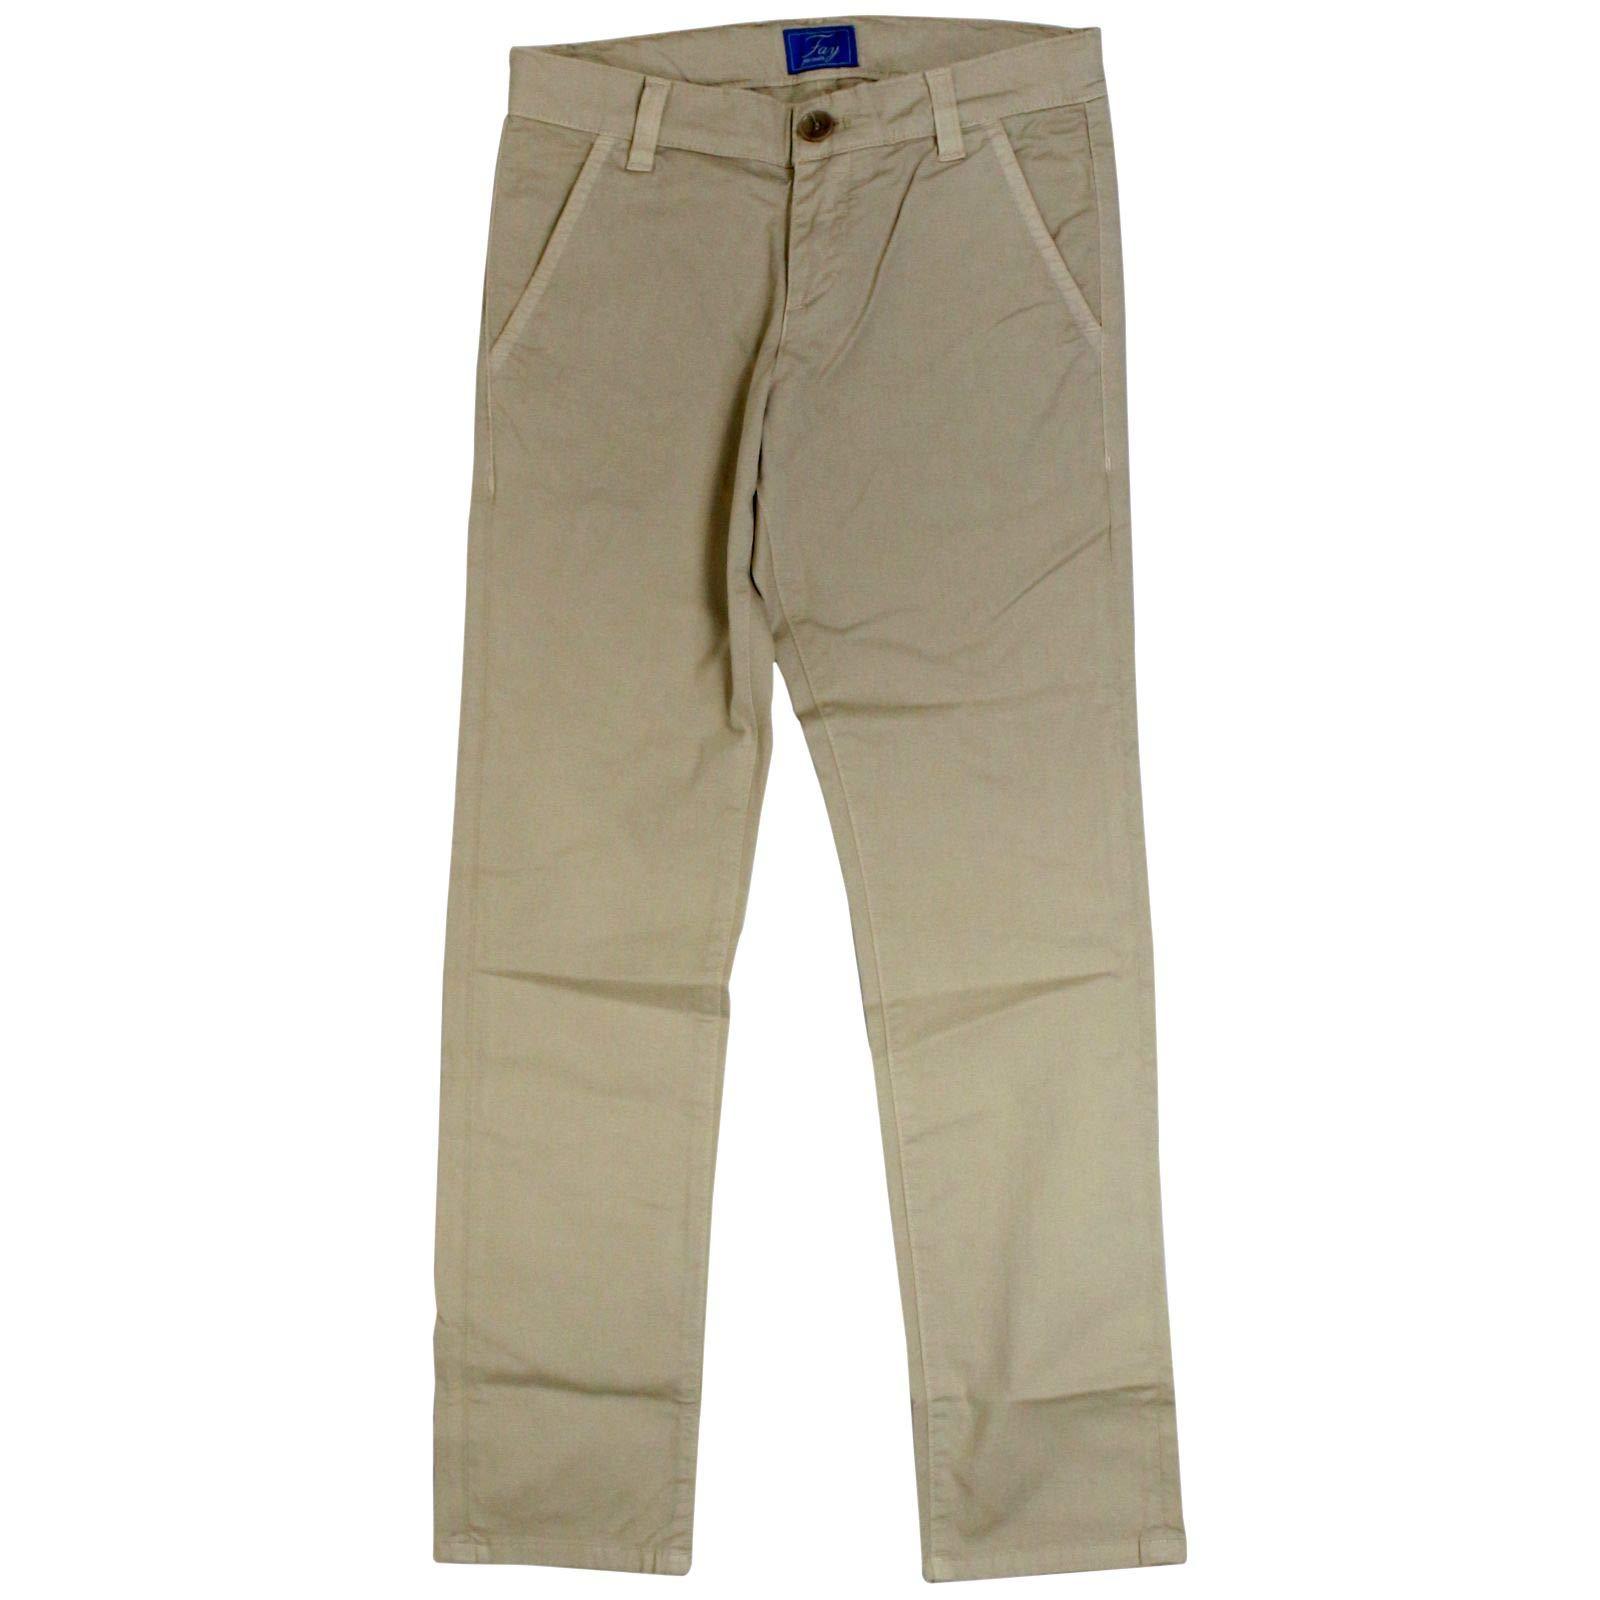 fay Boys Nuh8038732tqpsc001 Beige Cotton Pants